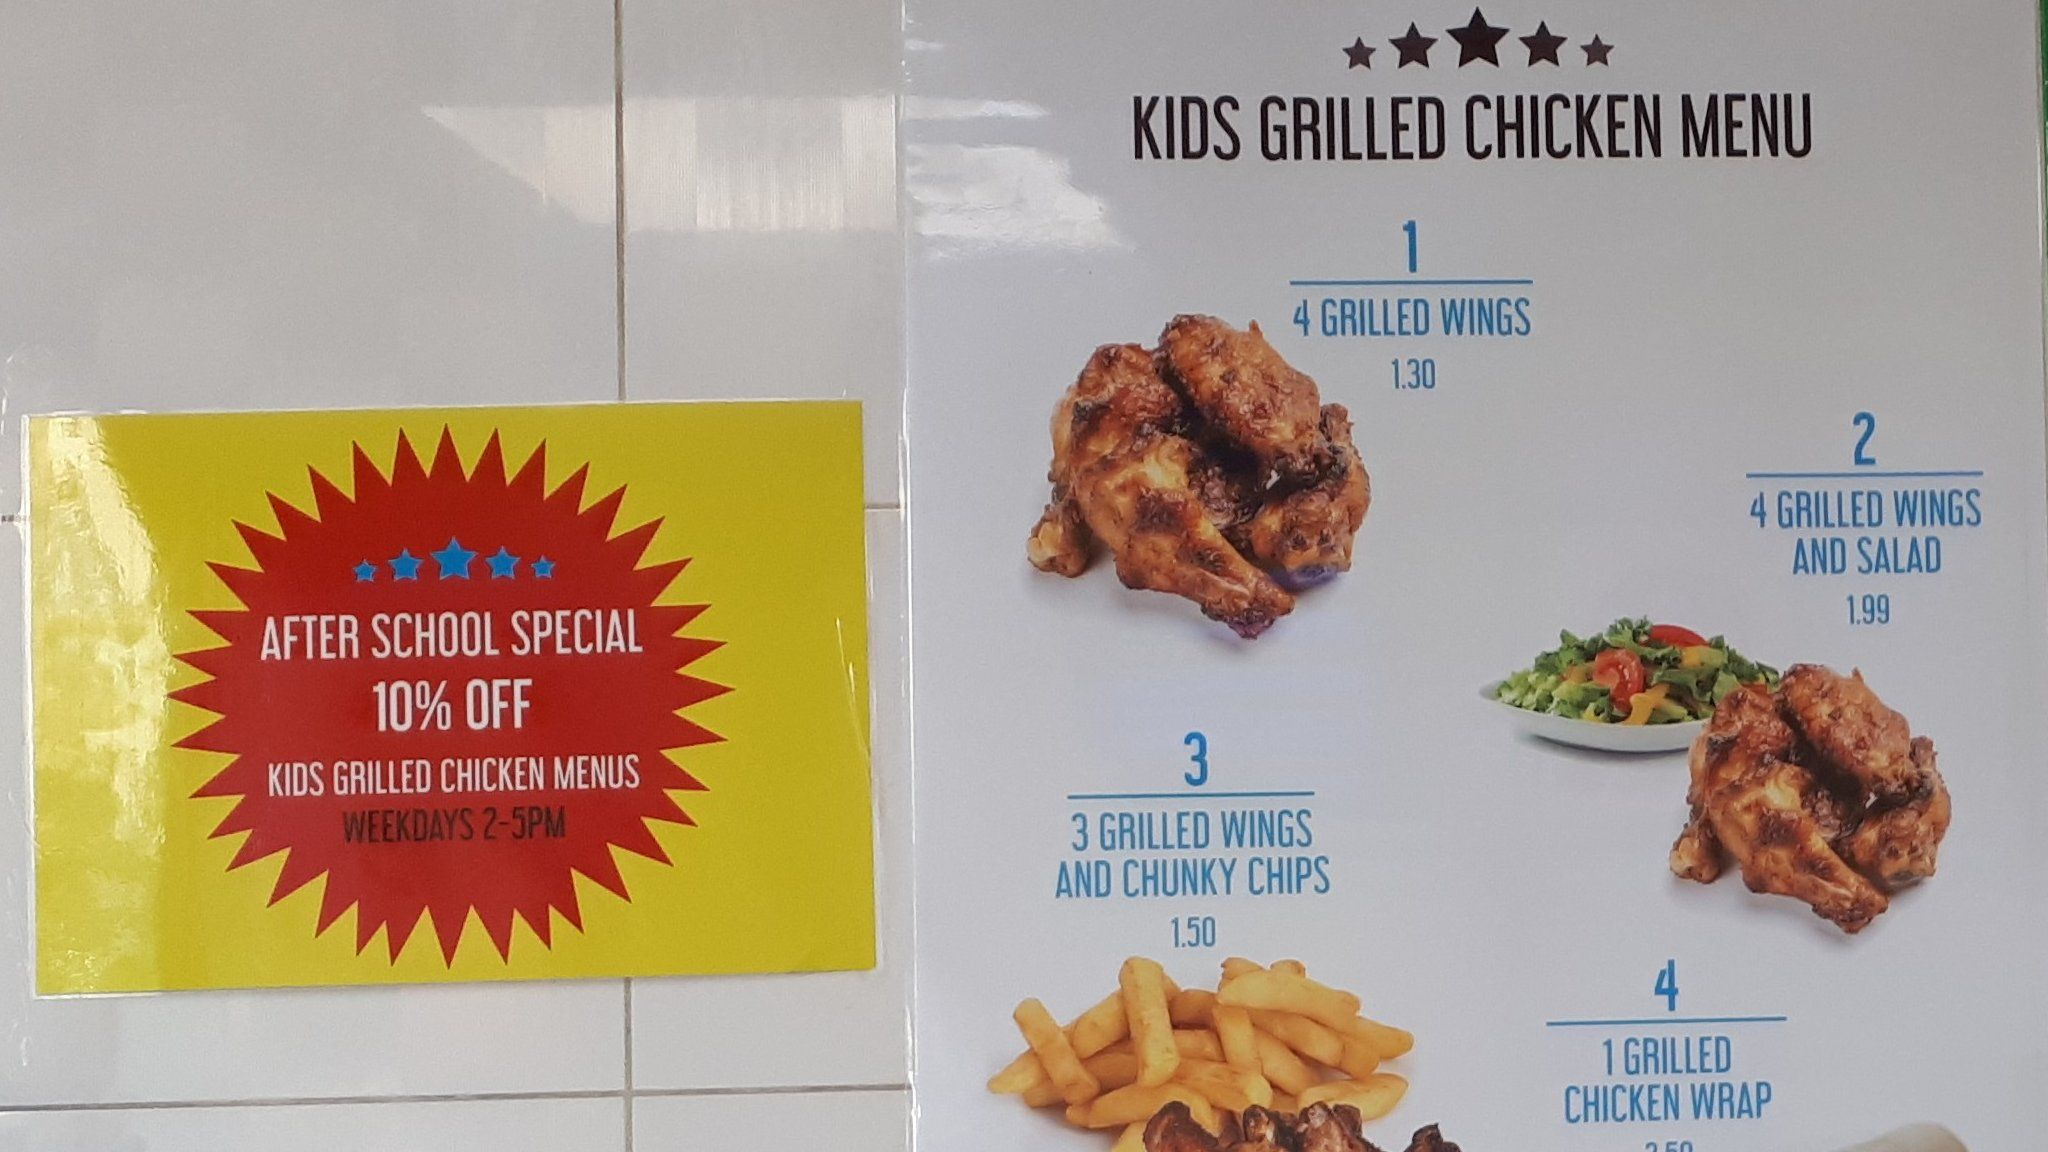 Children's healthy chicken menu